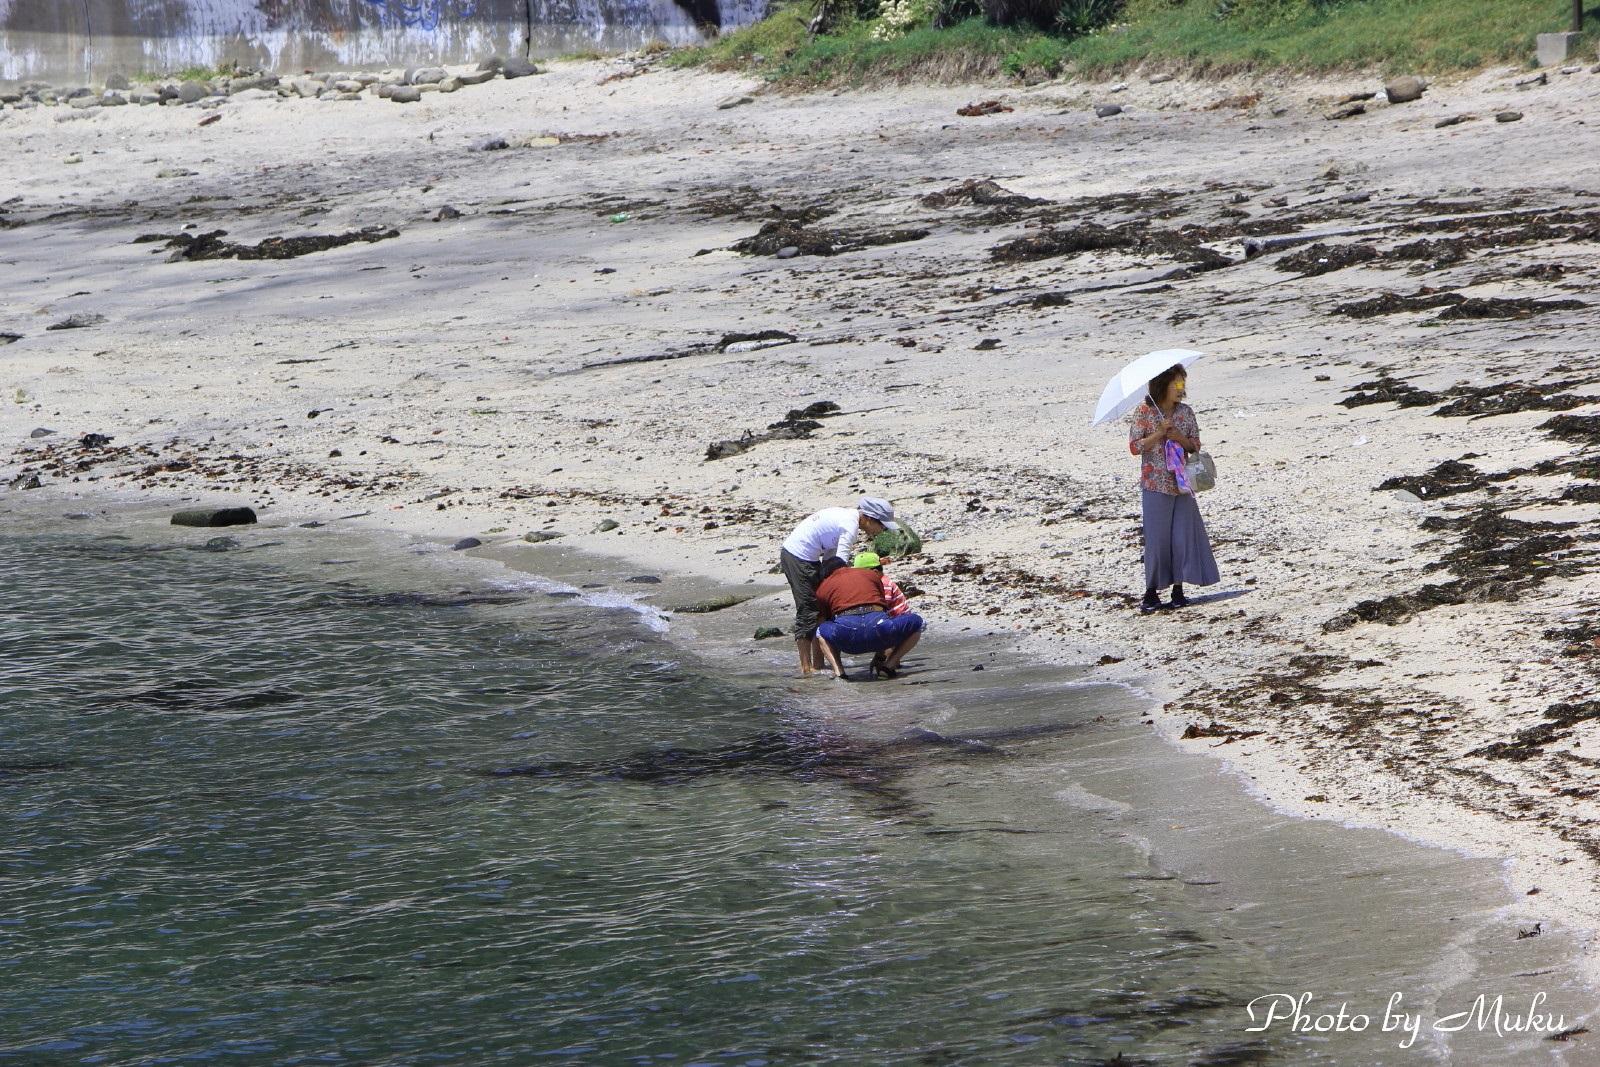 2014/05/29 磯あそび (たたら浜:神奈川県横須賀市)